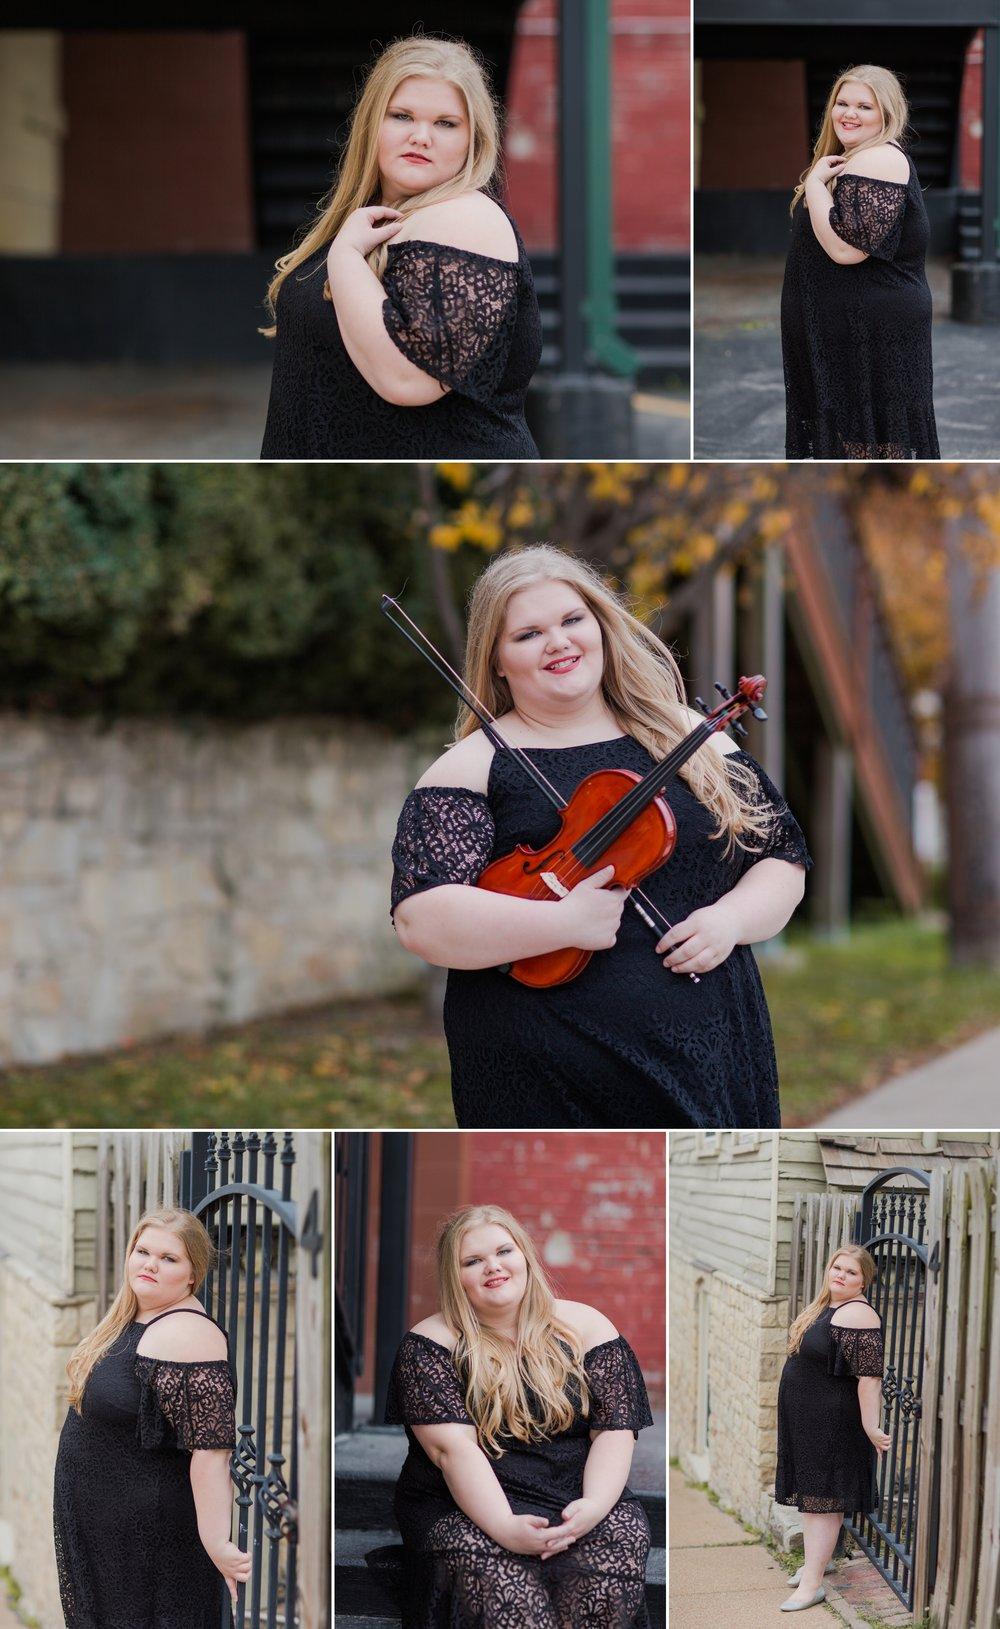 senior_photography_photographer_washington_mo_riverfront_downtown_girl_ideas_poses_st_louis_missouri_modern_senior_timeless 2